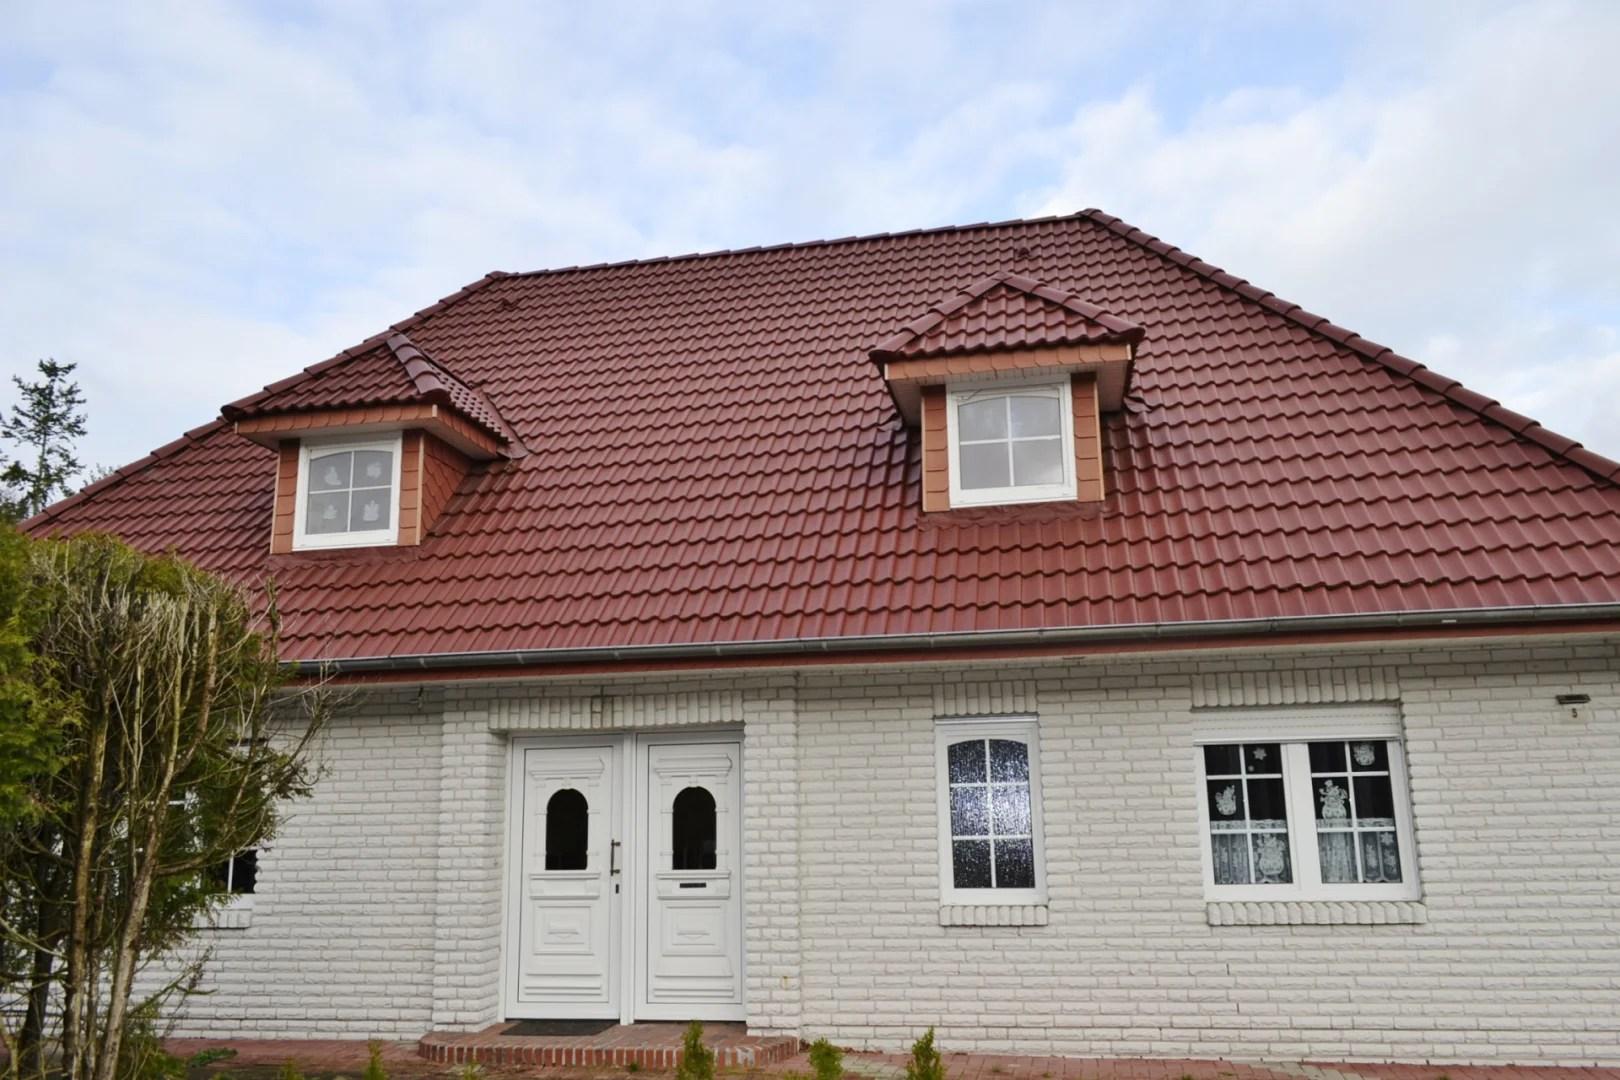 Erholungsgebiet Barßel, hochwertiges Zweigenerationenhaus in sehr guter Wohnlage  Exposé Nr. 115/20